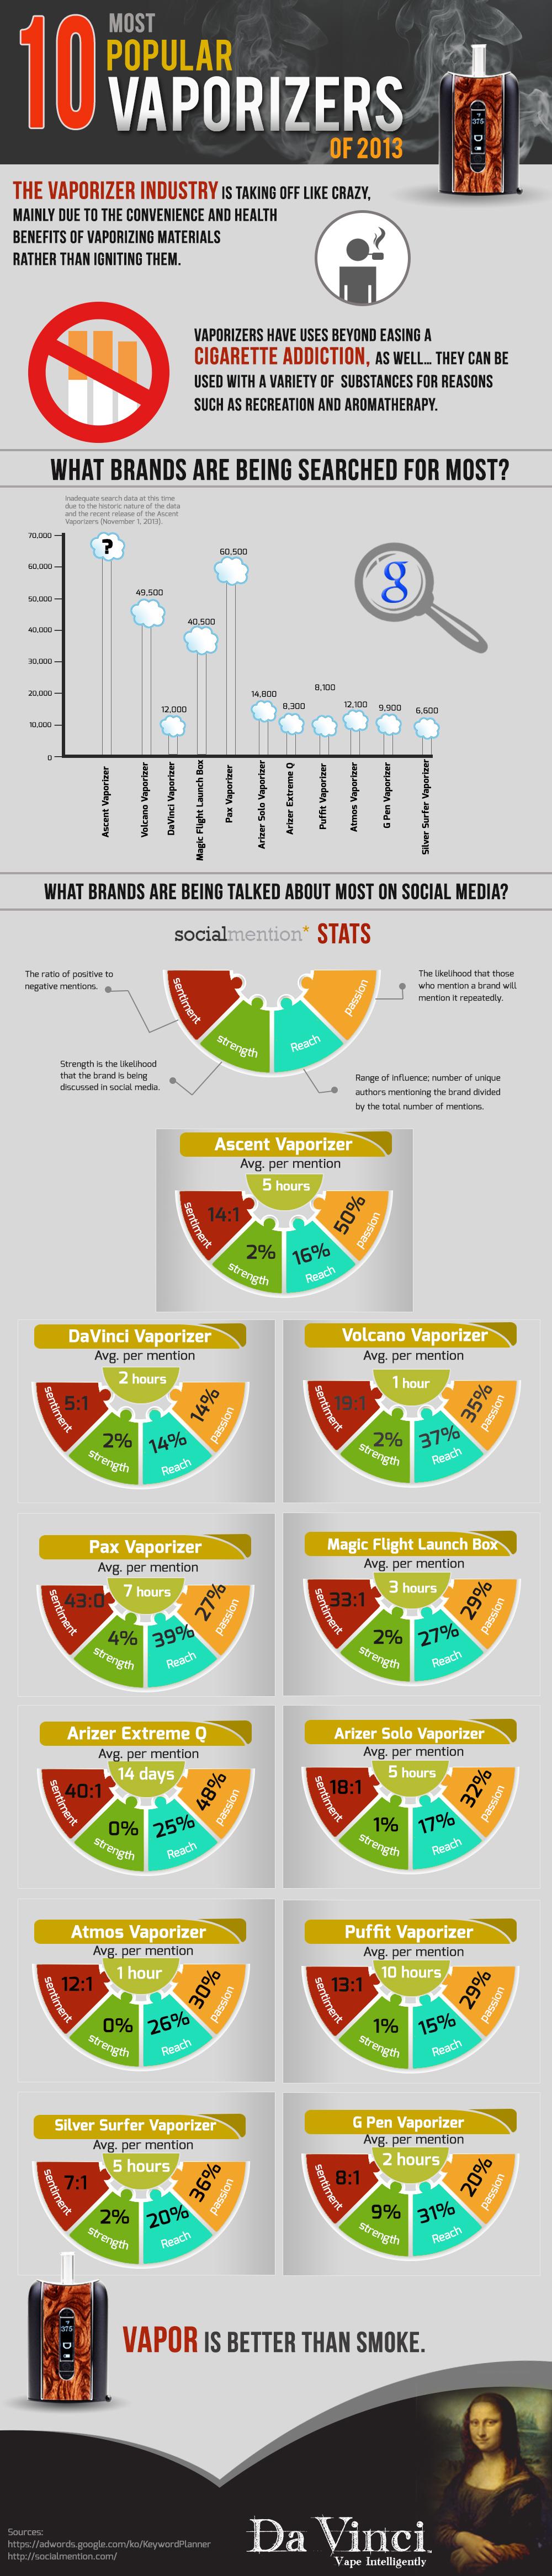 Top 10 Vaporizers of 2013 InfoGraph